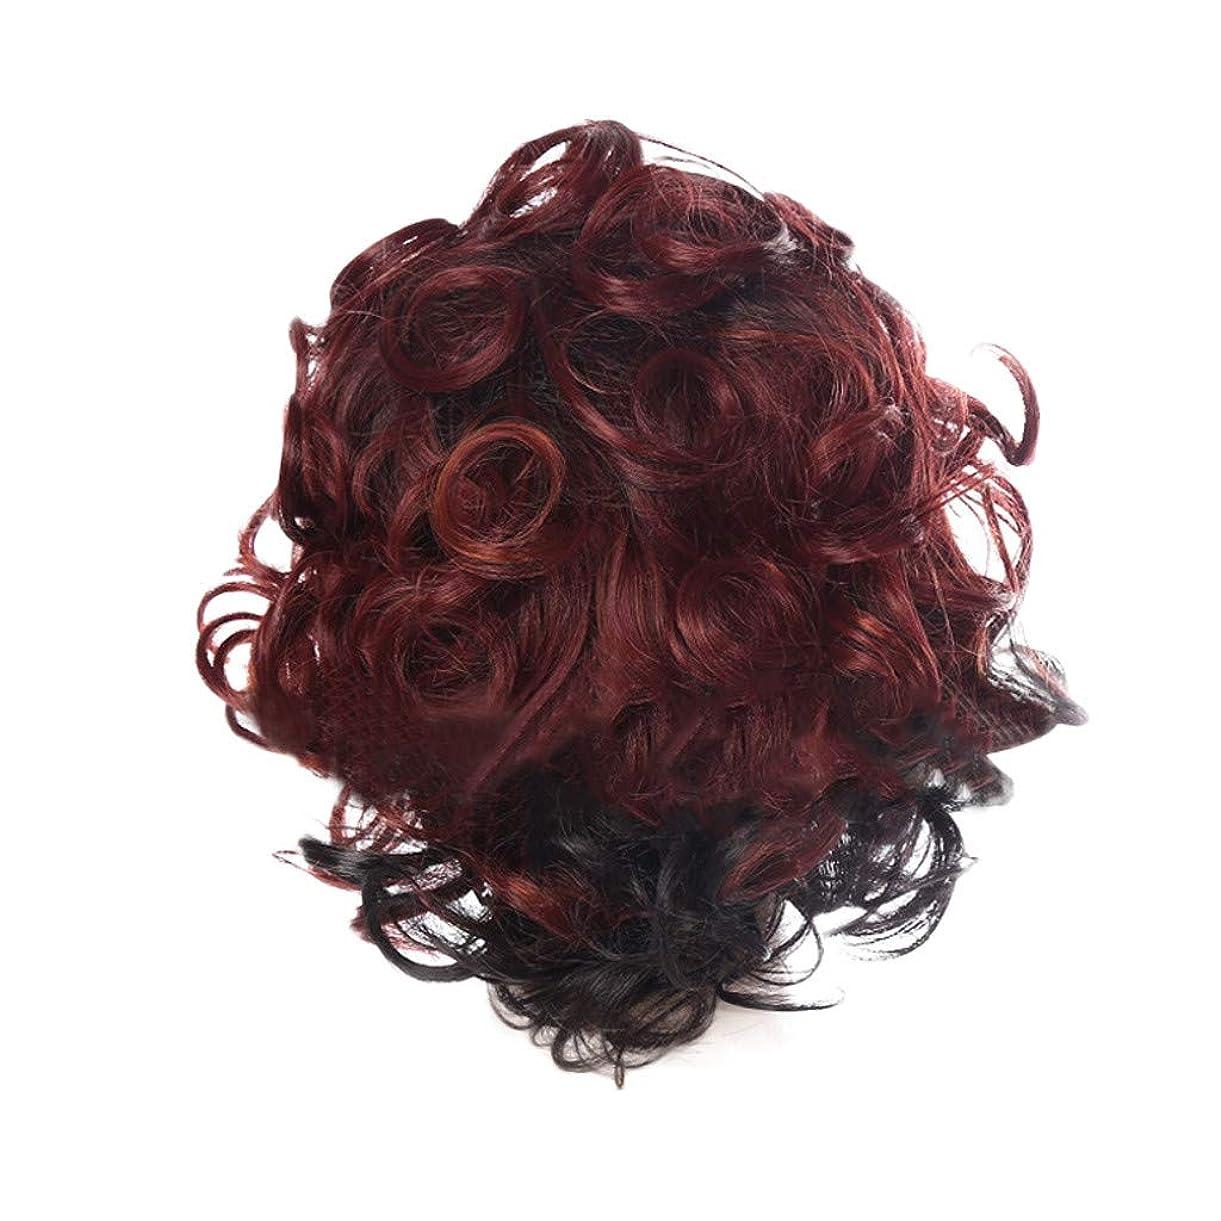 ナット叱る安価な女性の赤い短い巻き毛の人格爆発ヘッドかつら35 cmをかつら